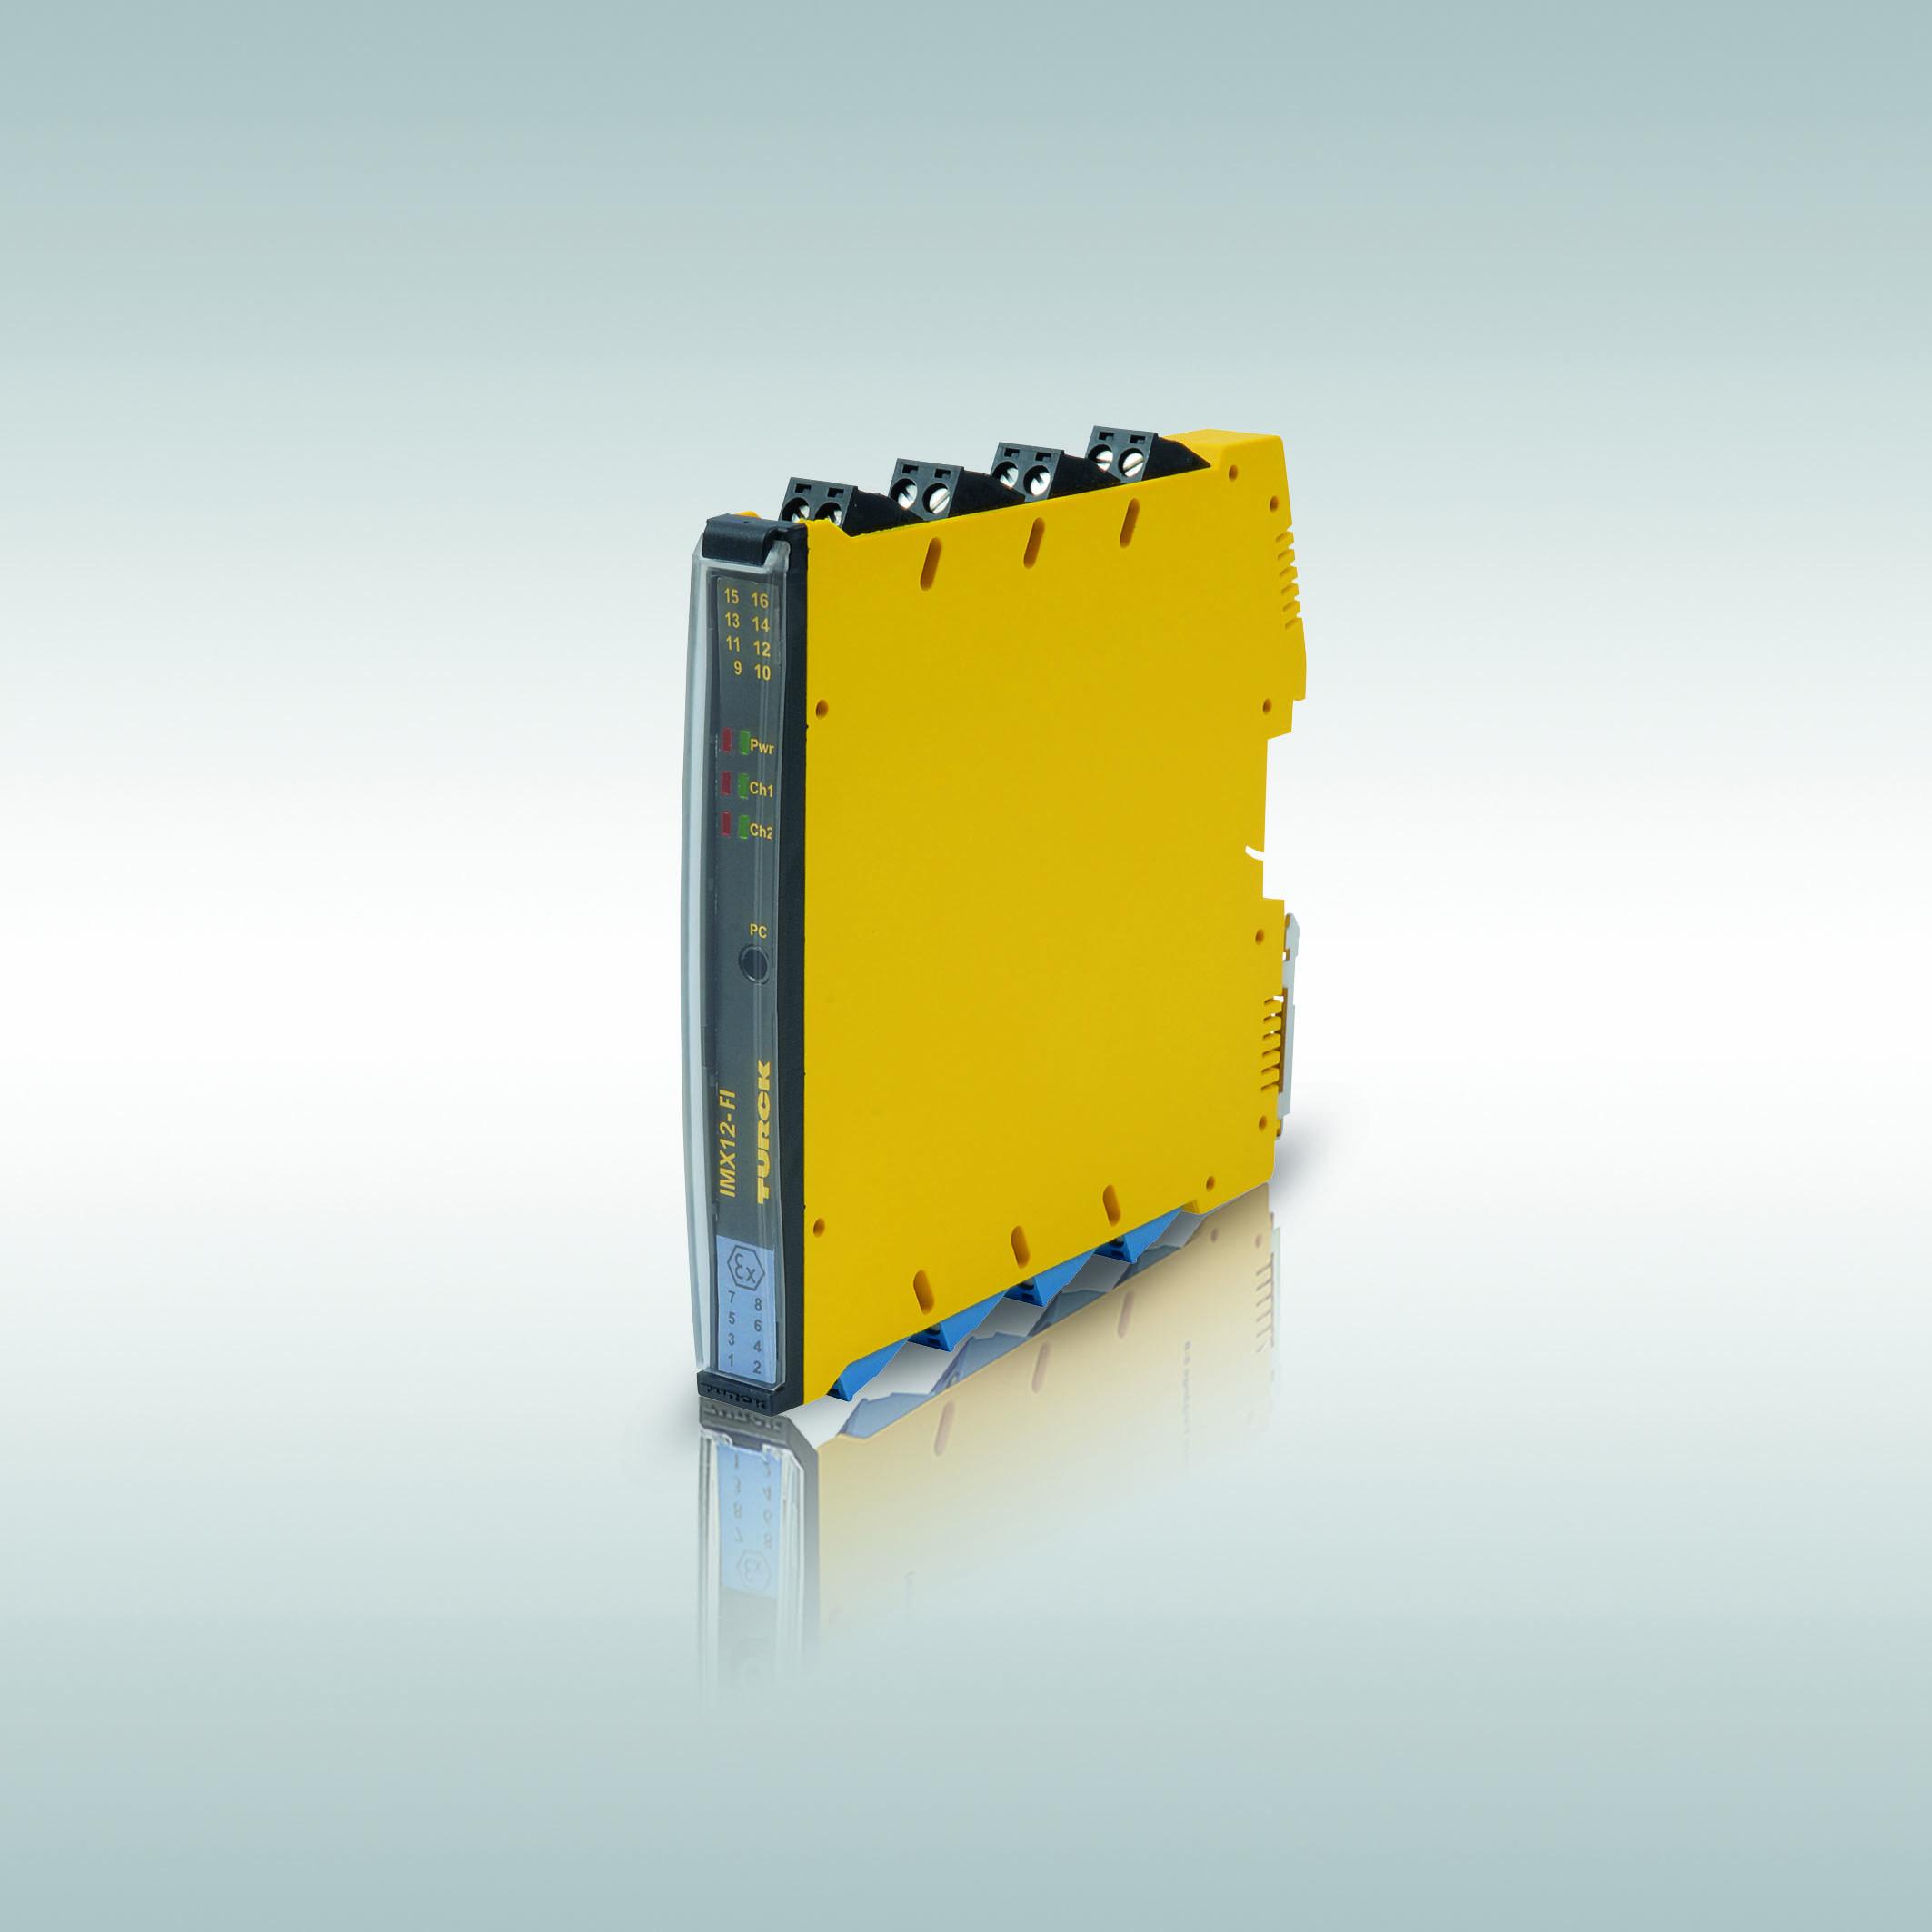 Turcks IMX12-FI überwacht nicht nur die Drehzahl, sondern dient auch als Pulscounter.